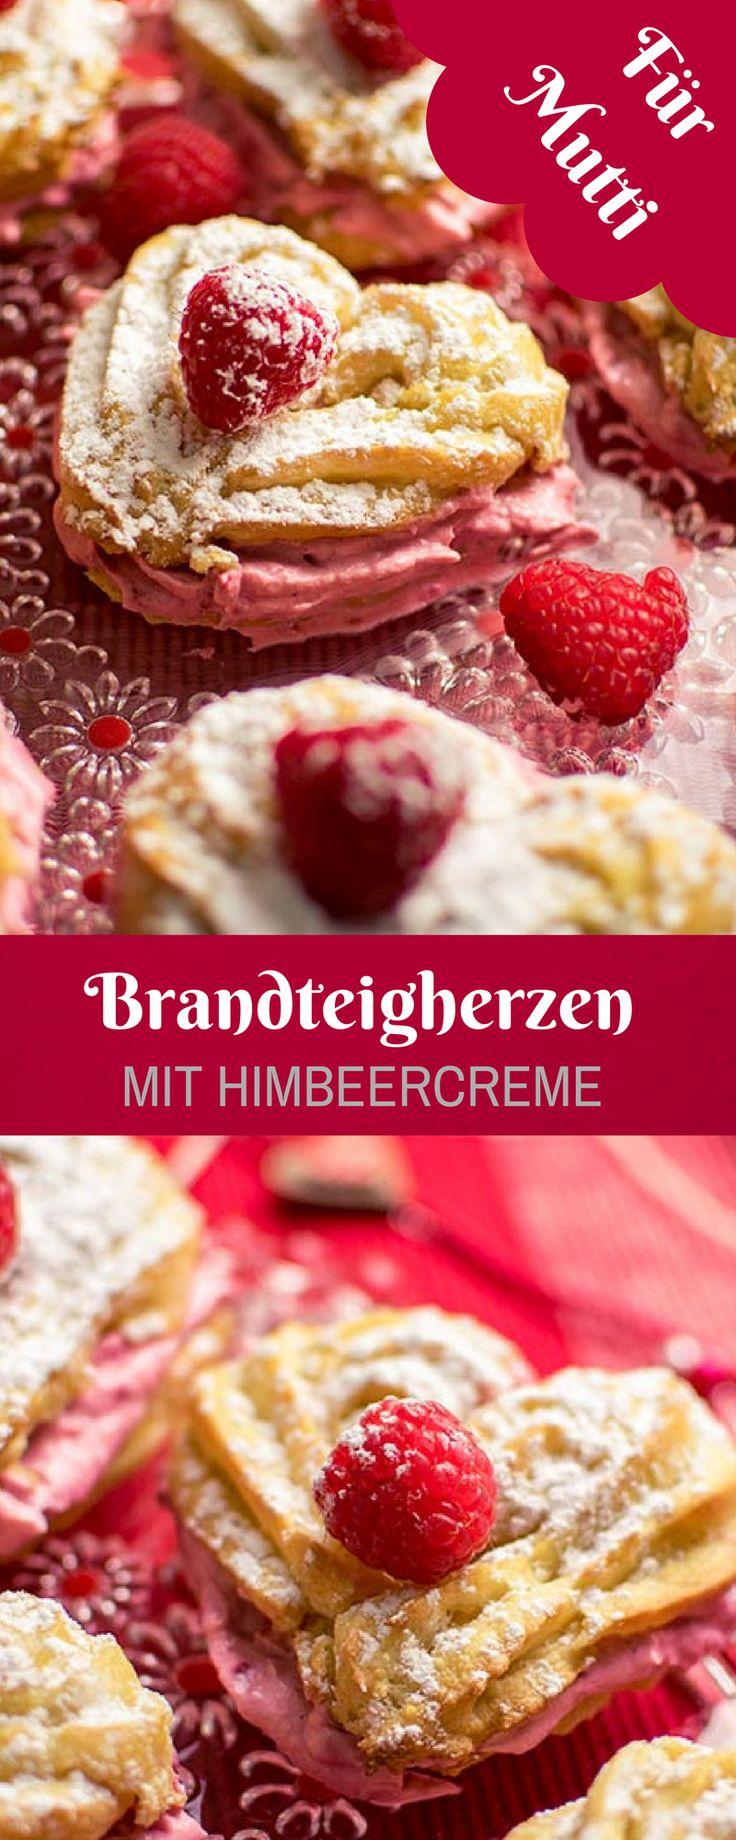 Muttertagsrezept - Brandteigherzen mit Himbeercreme. Super lecker und für Muttertag oder Valentinstag bestens geeignet.